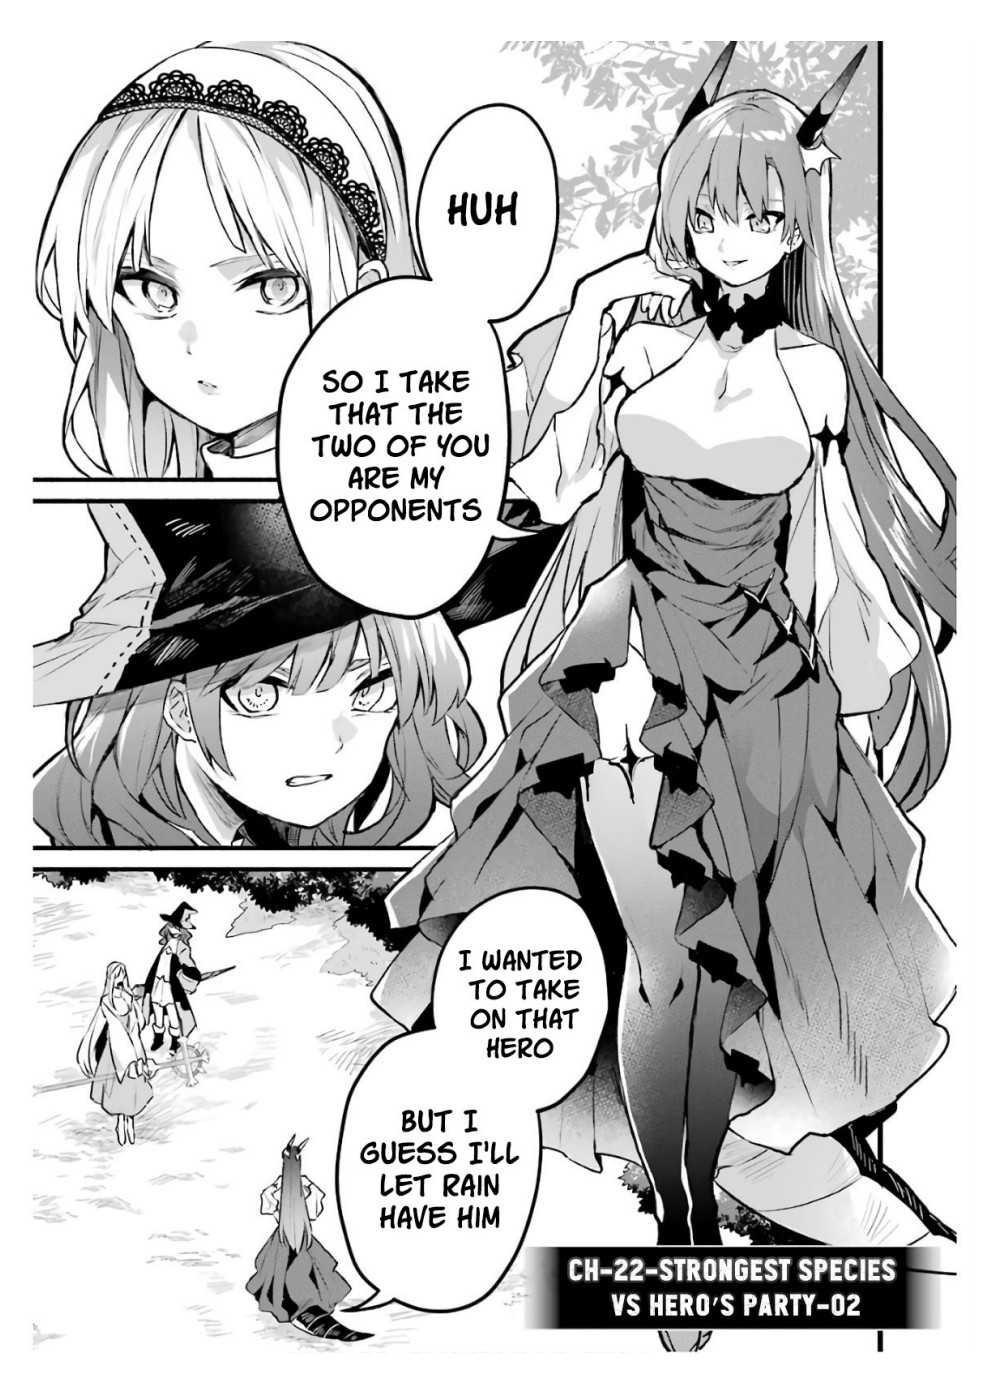 Yuusha Party wo Tsuihou Sareta Beast Tamer, Saikyou Shuzoku Nekomimi Shojo to Deau - chapter 22-eng-li